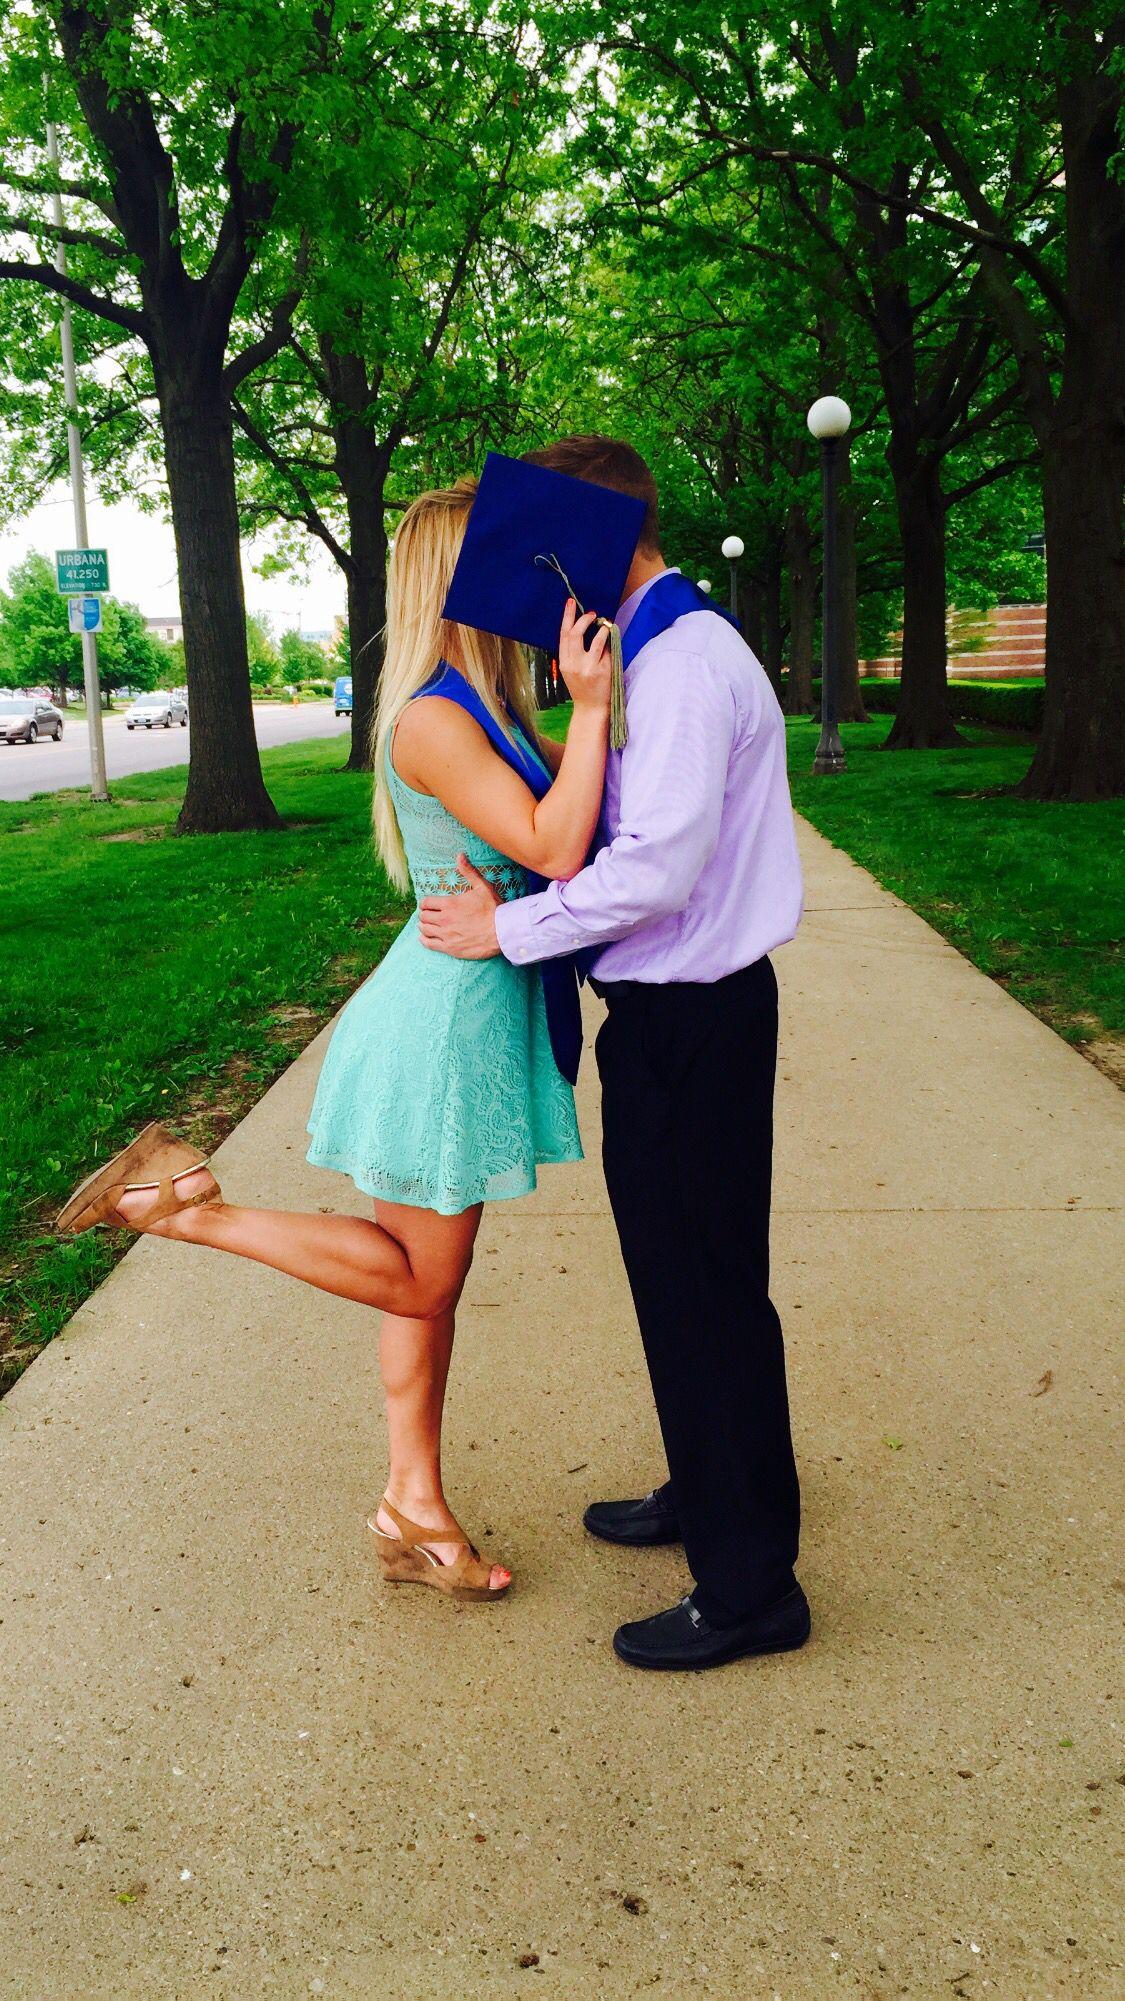 freshman boy dating senior girl poses